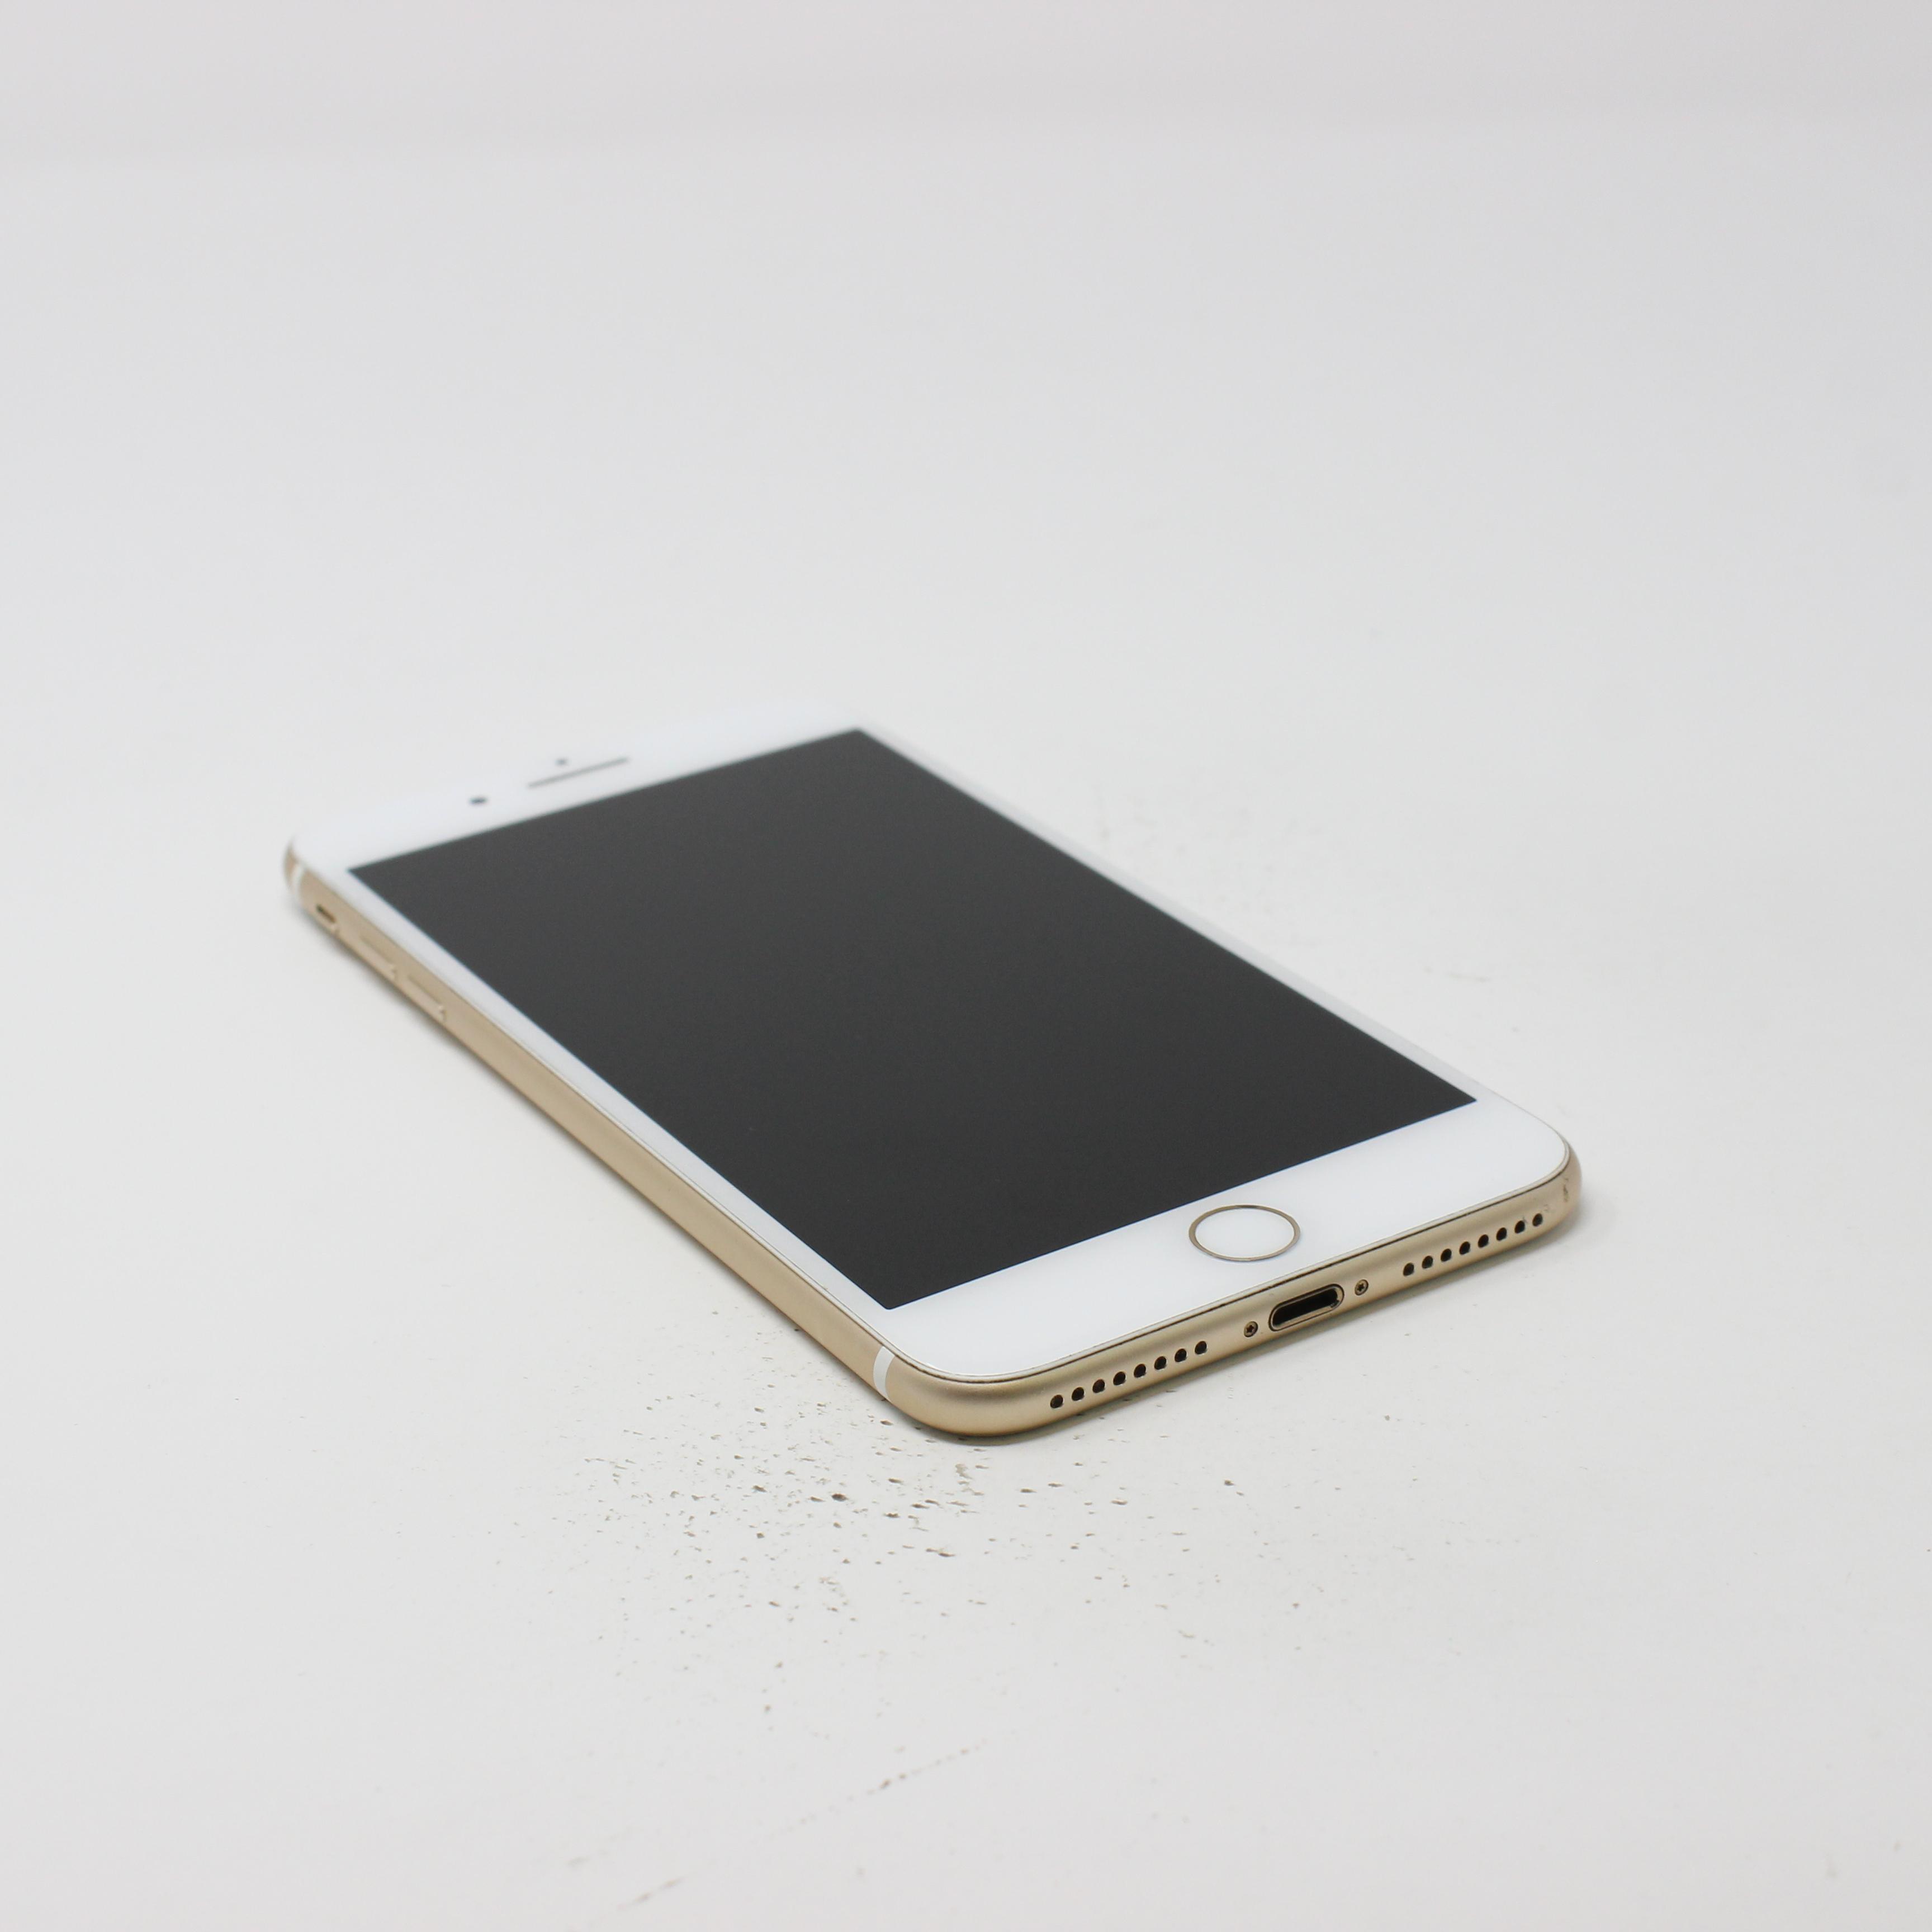 iPhone 7 Plus 32GB Gold - Verizon photo 5   UpTradeit.com